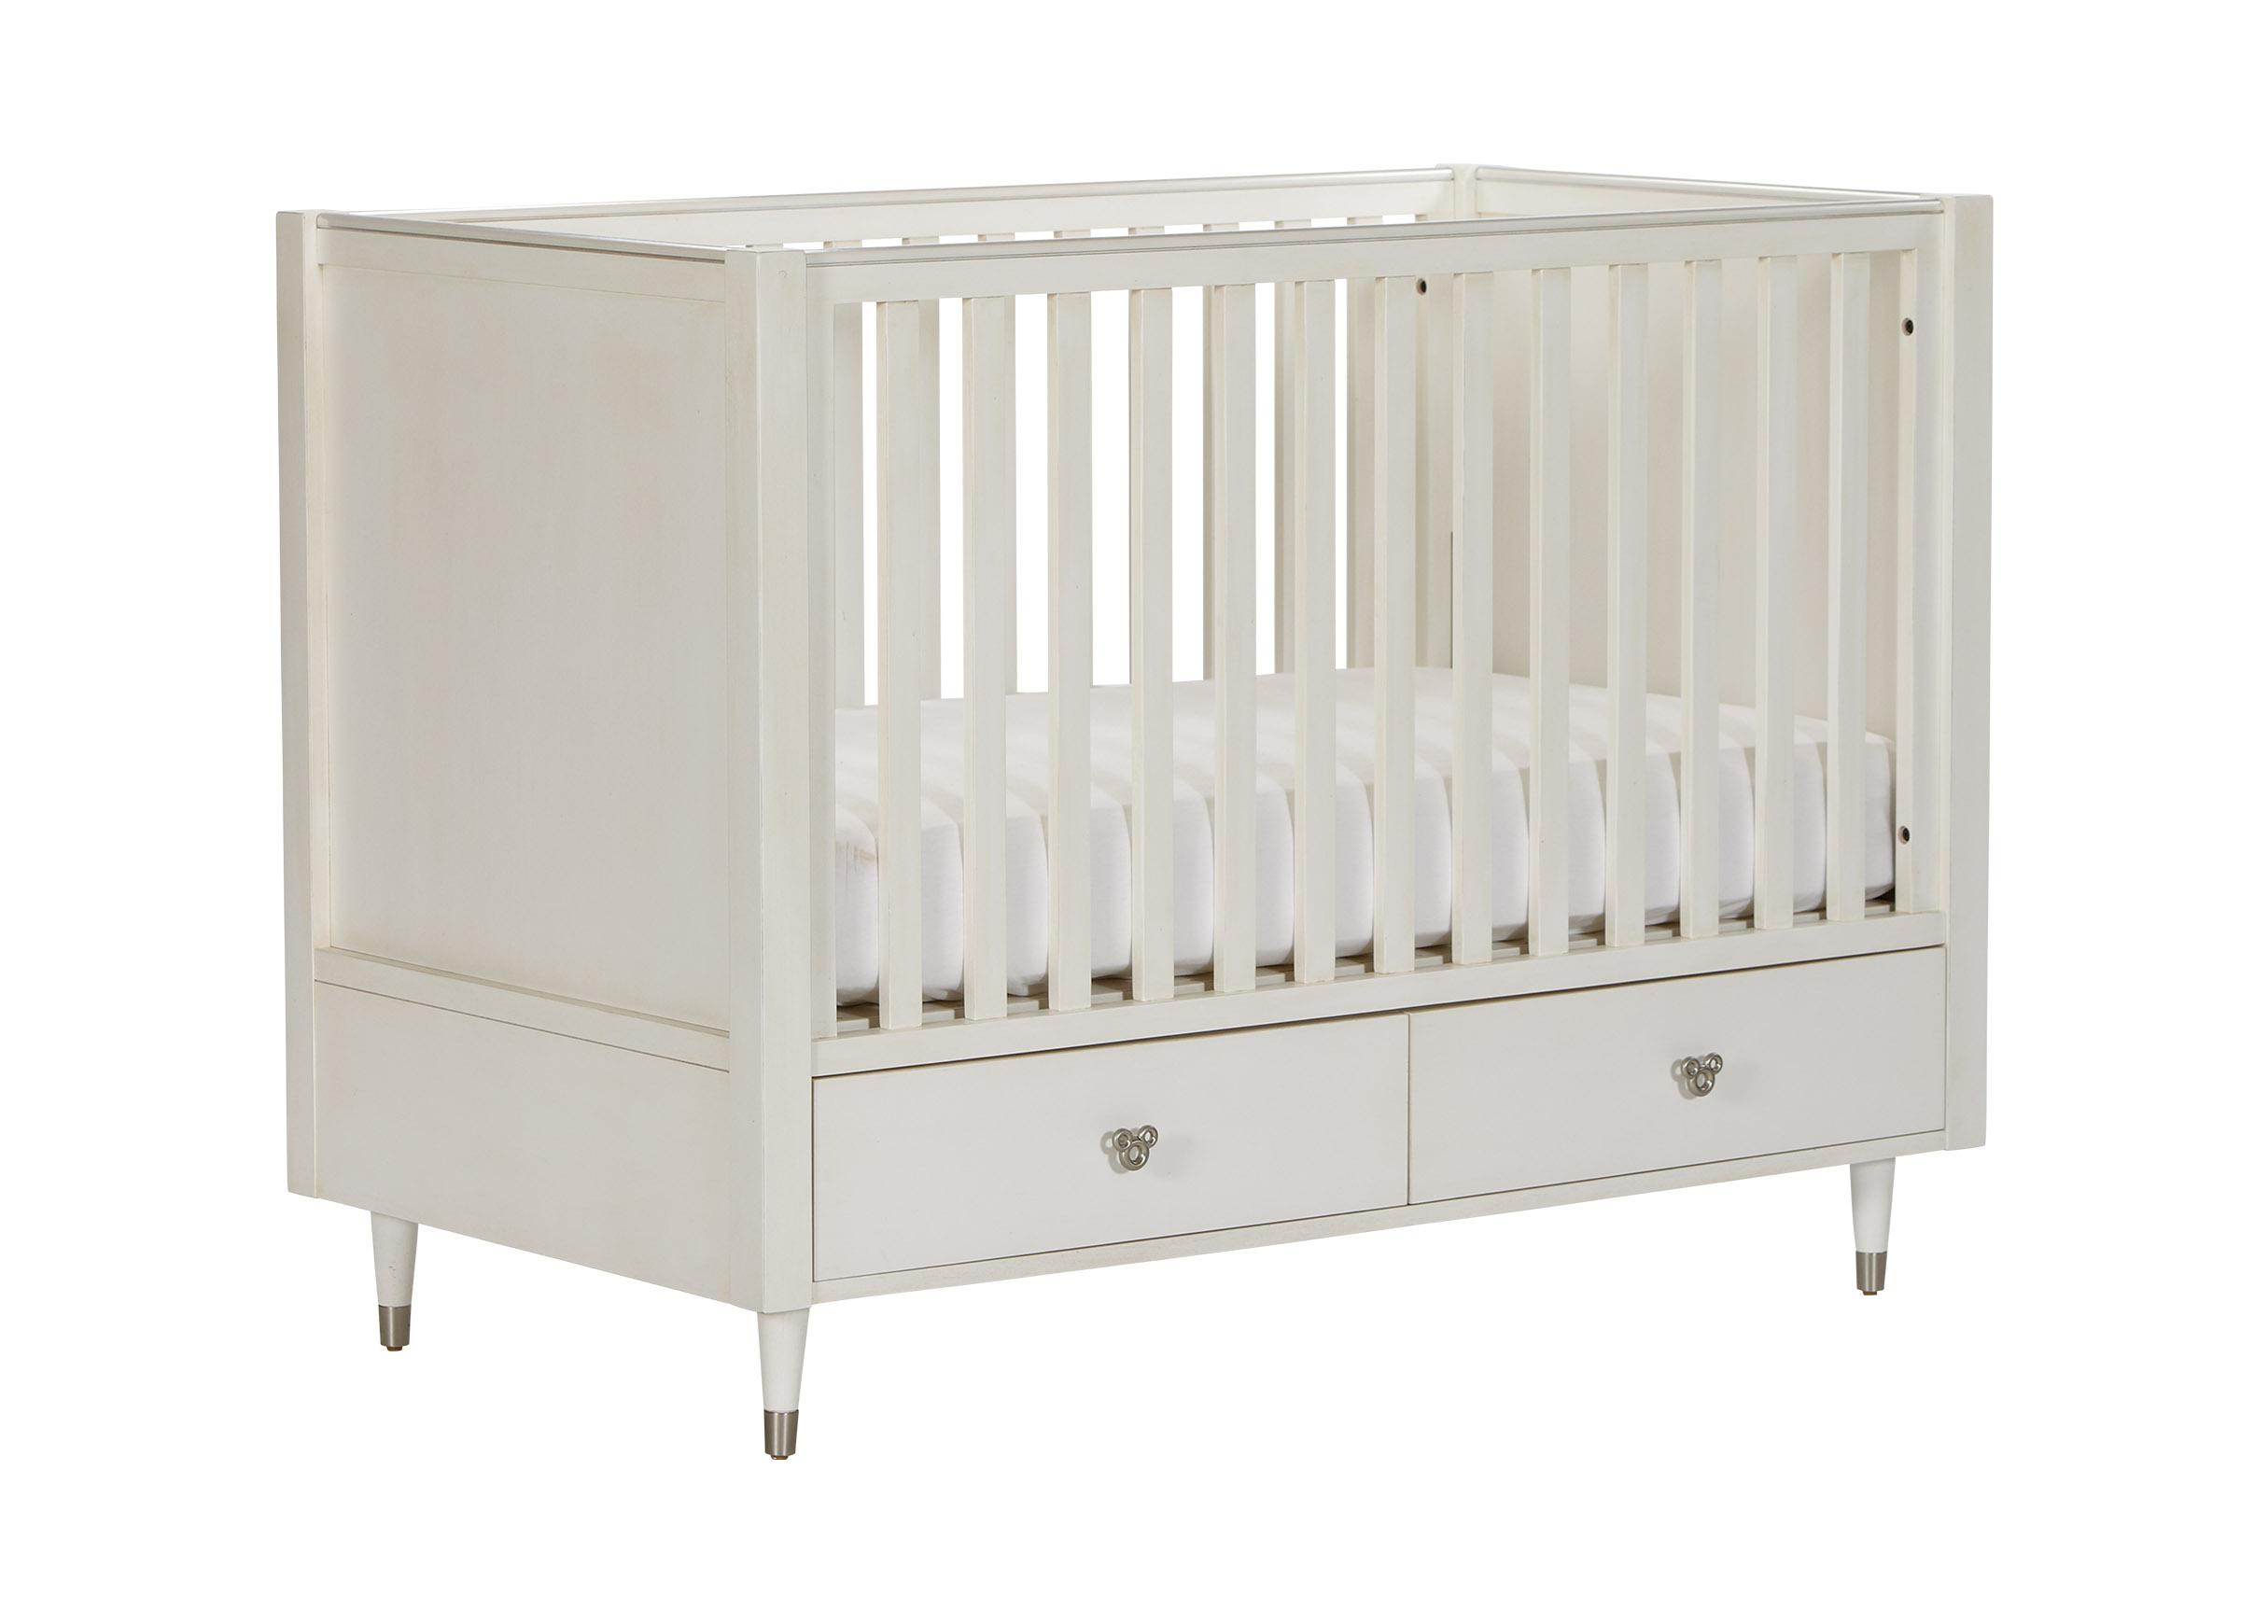 images carolwood crib largegray